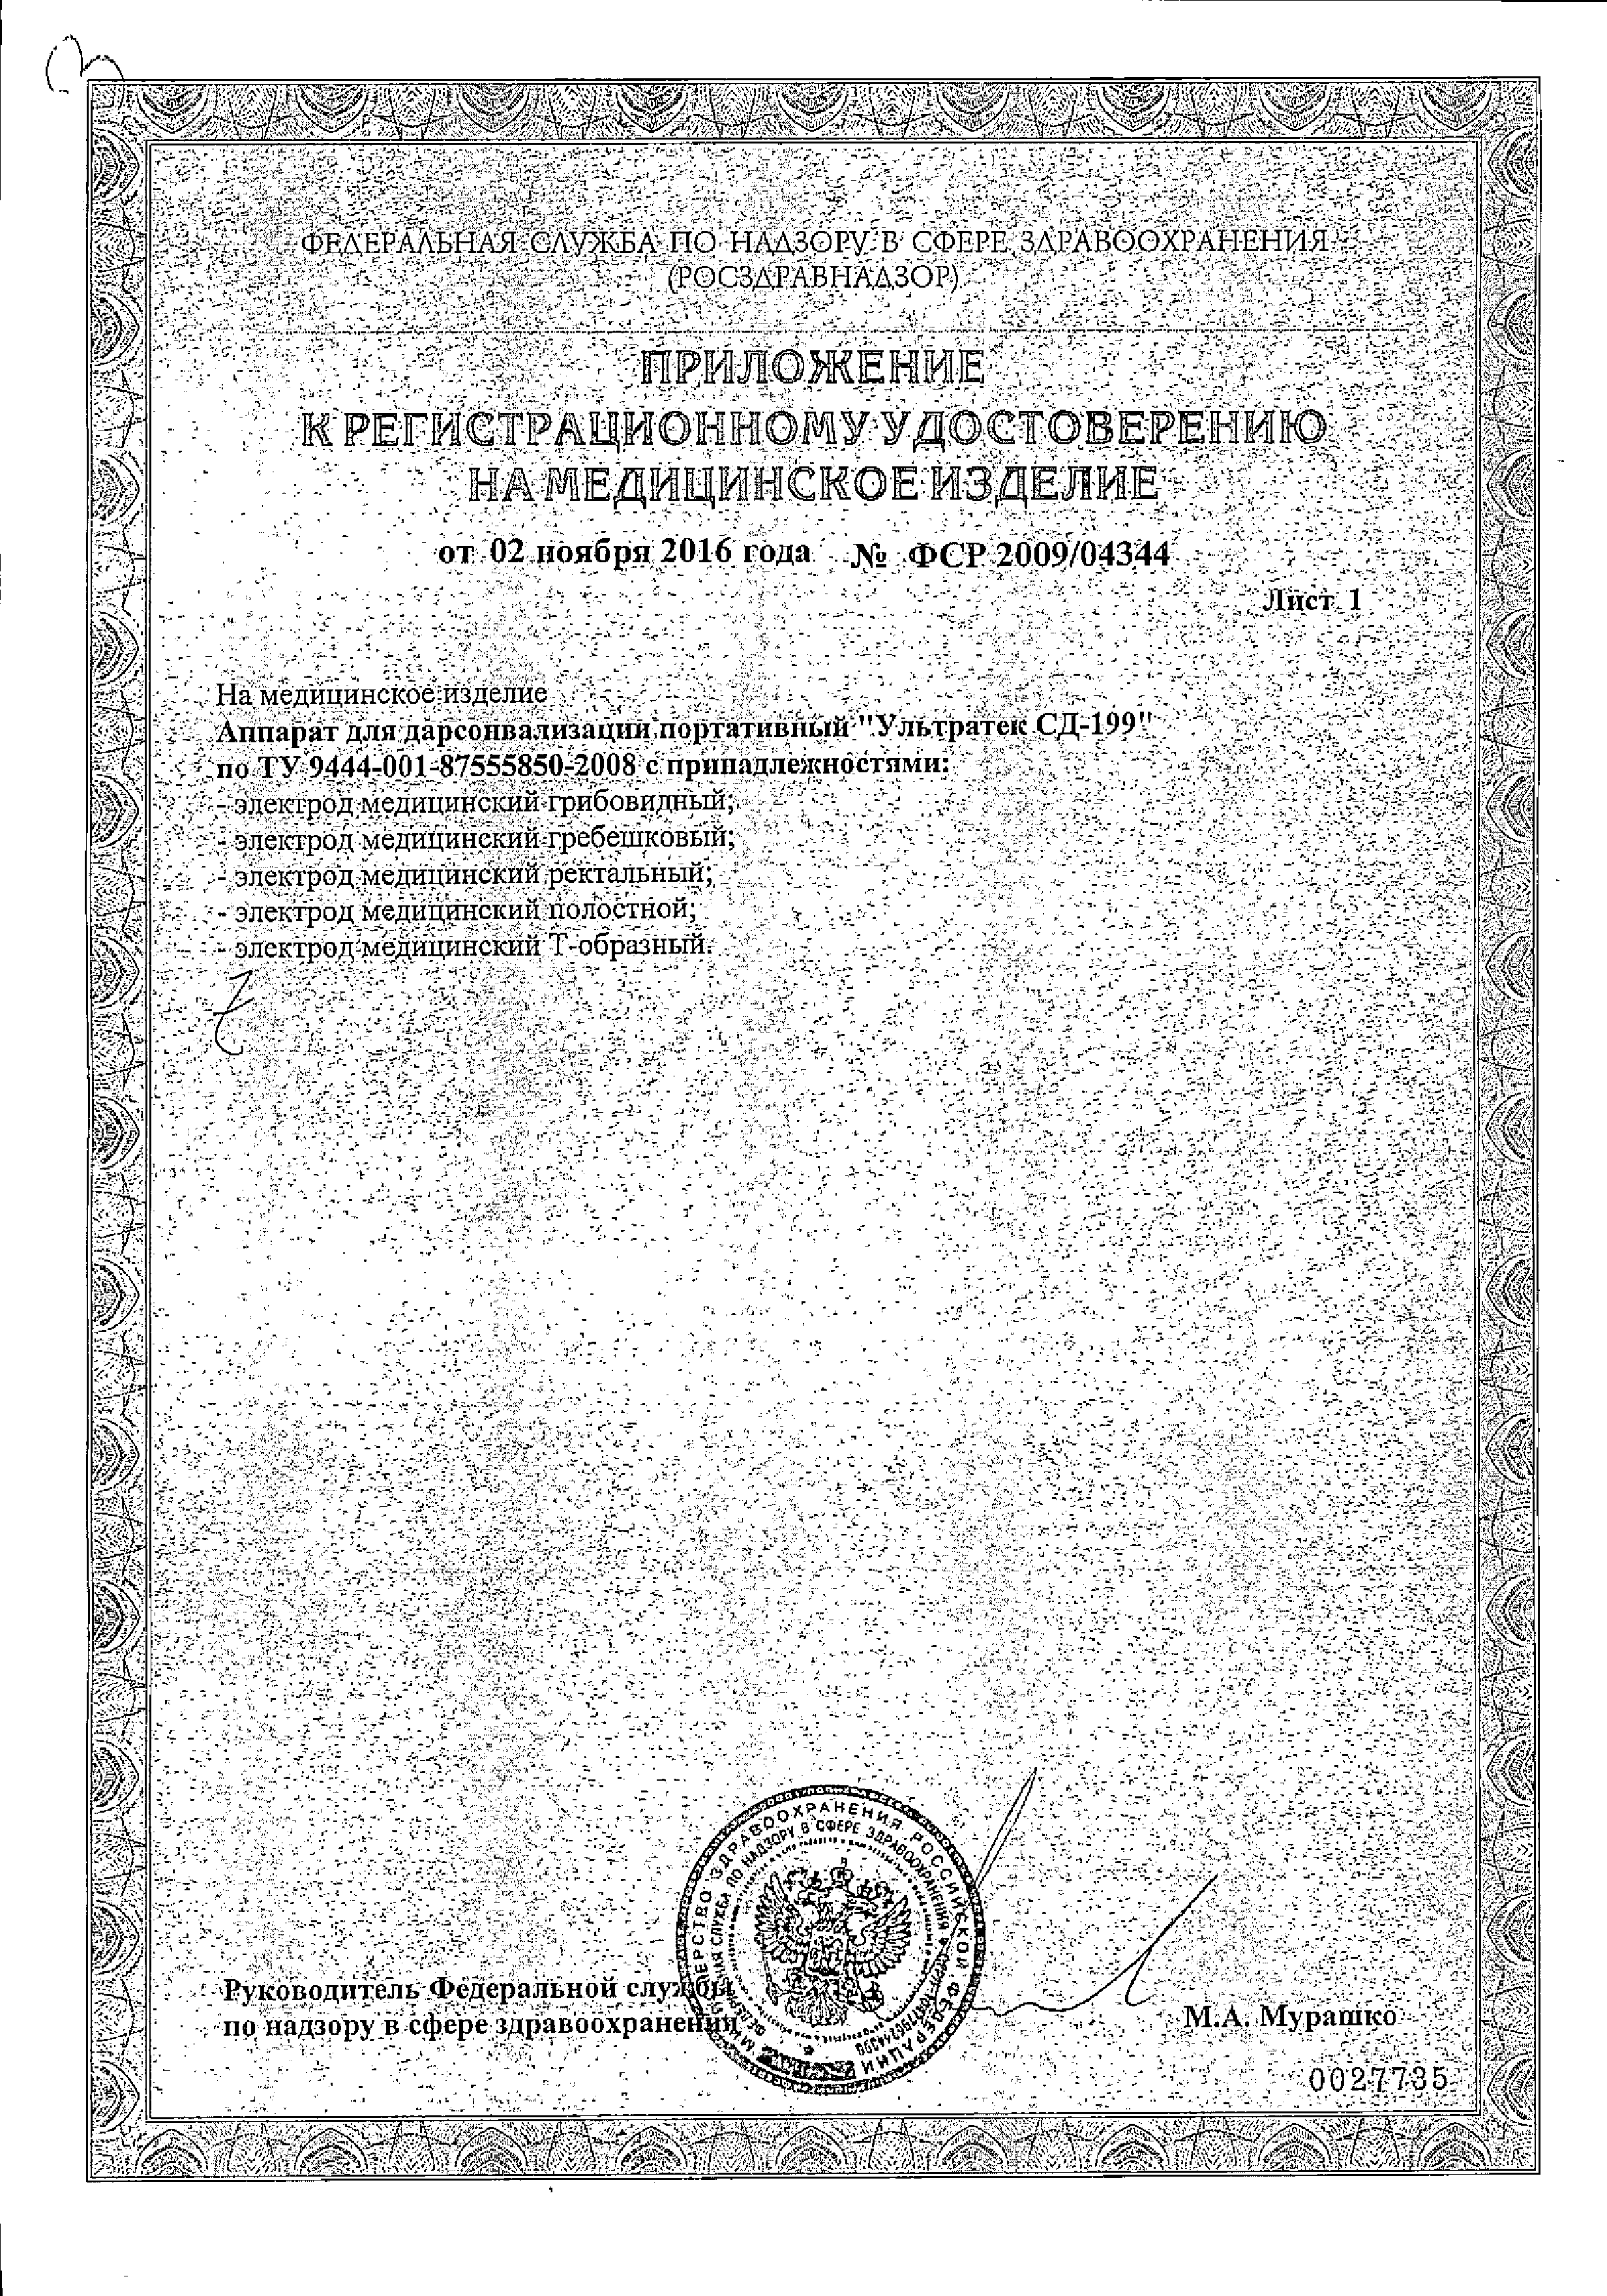 Дарсонваль Ультратек СД-199 сертификат